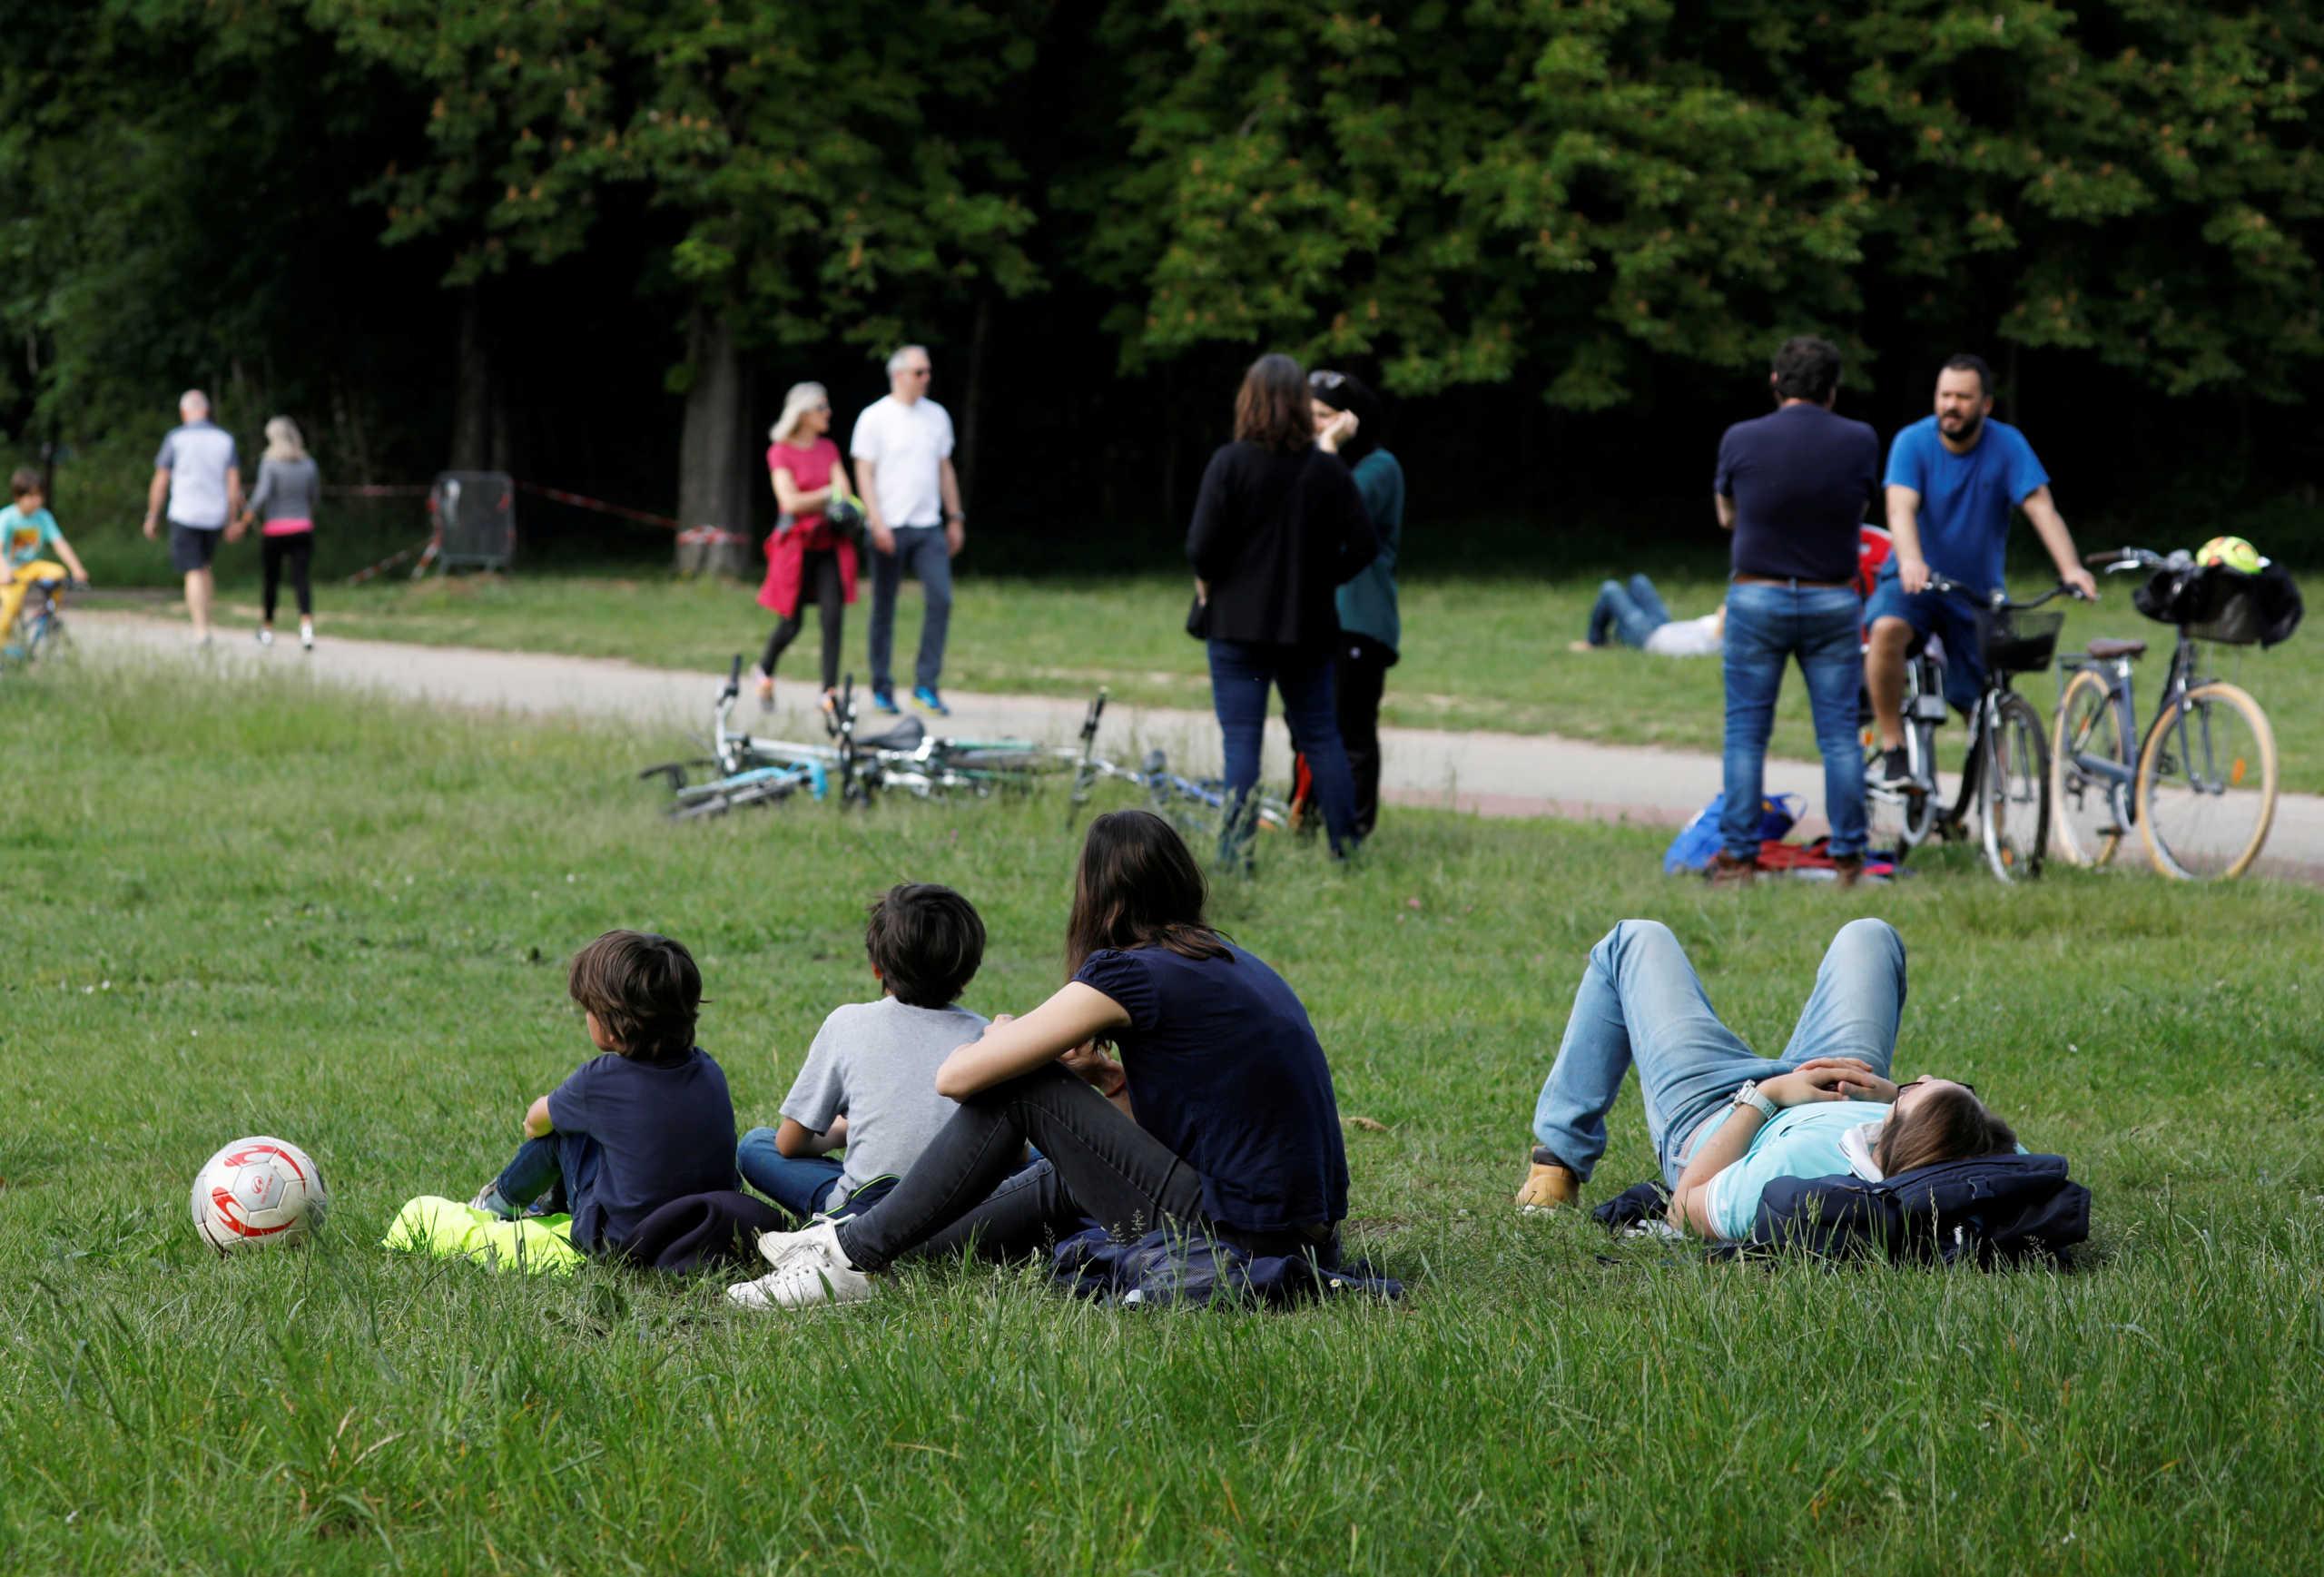 Γαλλία: «Όχι» στο αίτημα της δημάρχου Παρισιού να ανοίξουν τα πάρκα